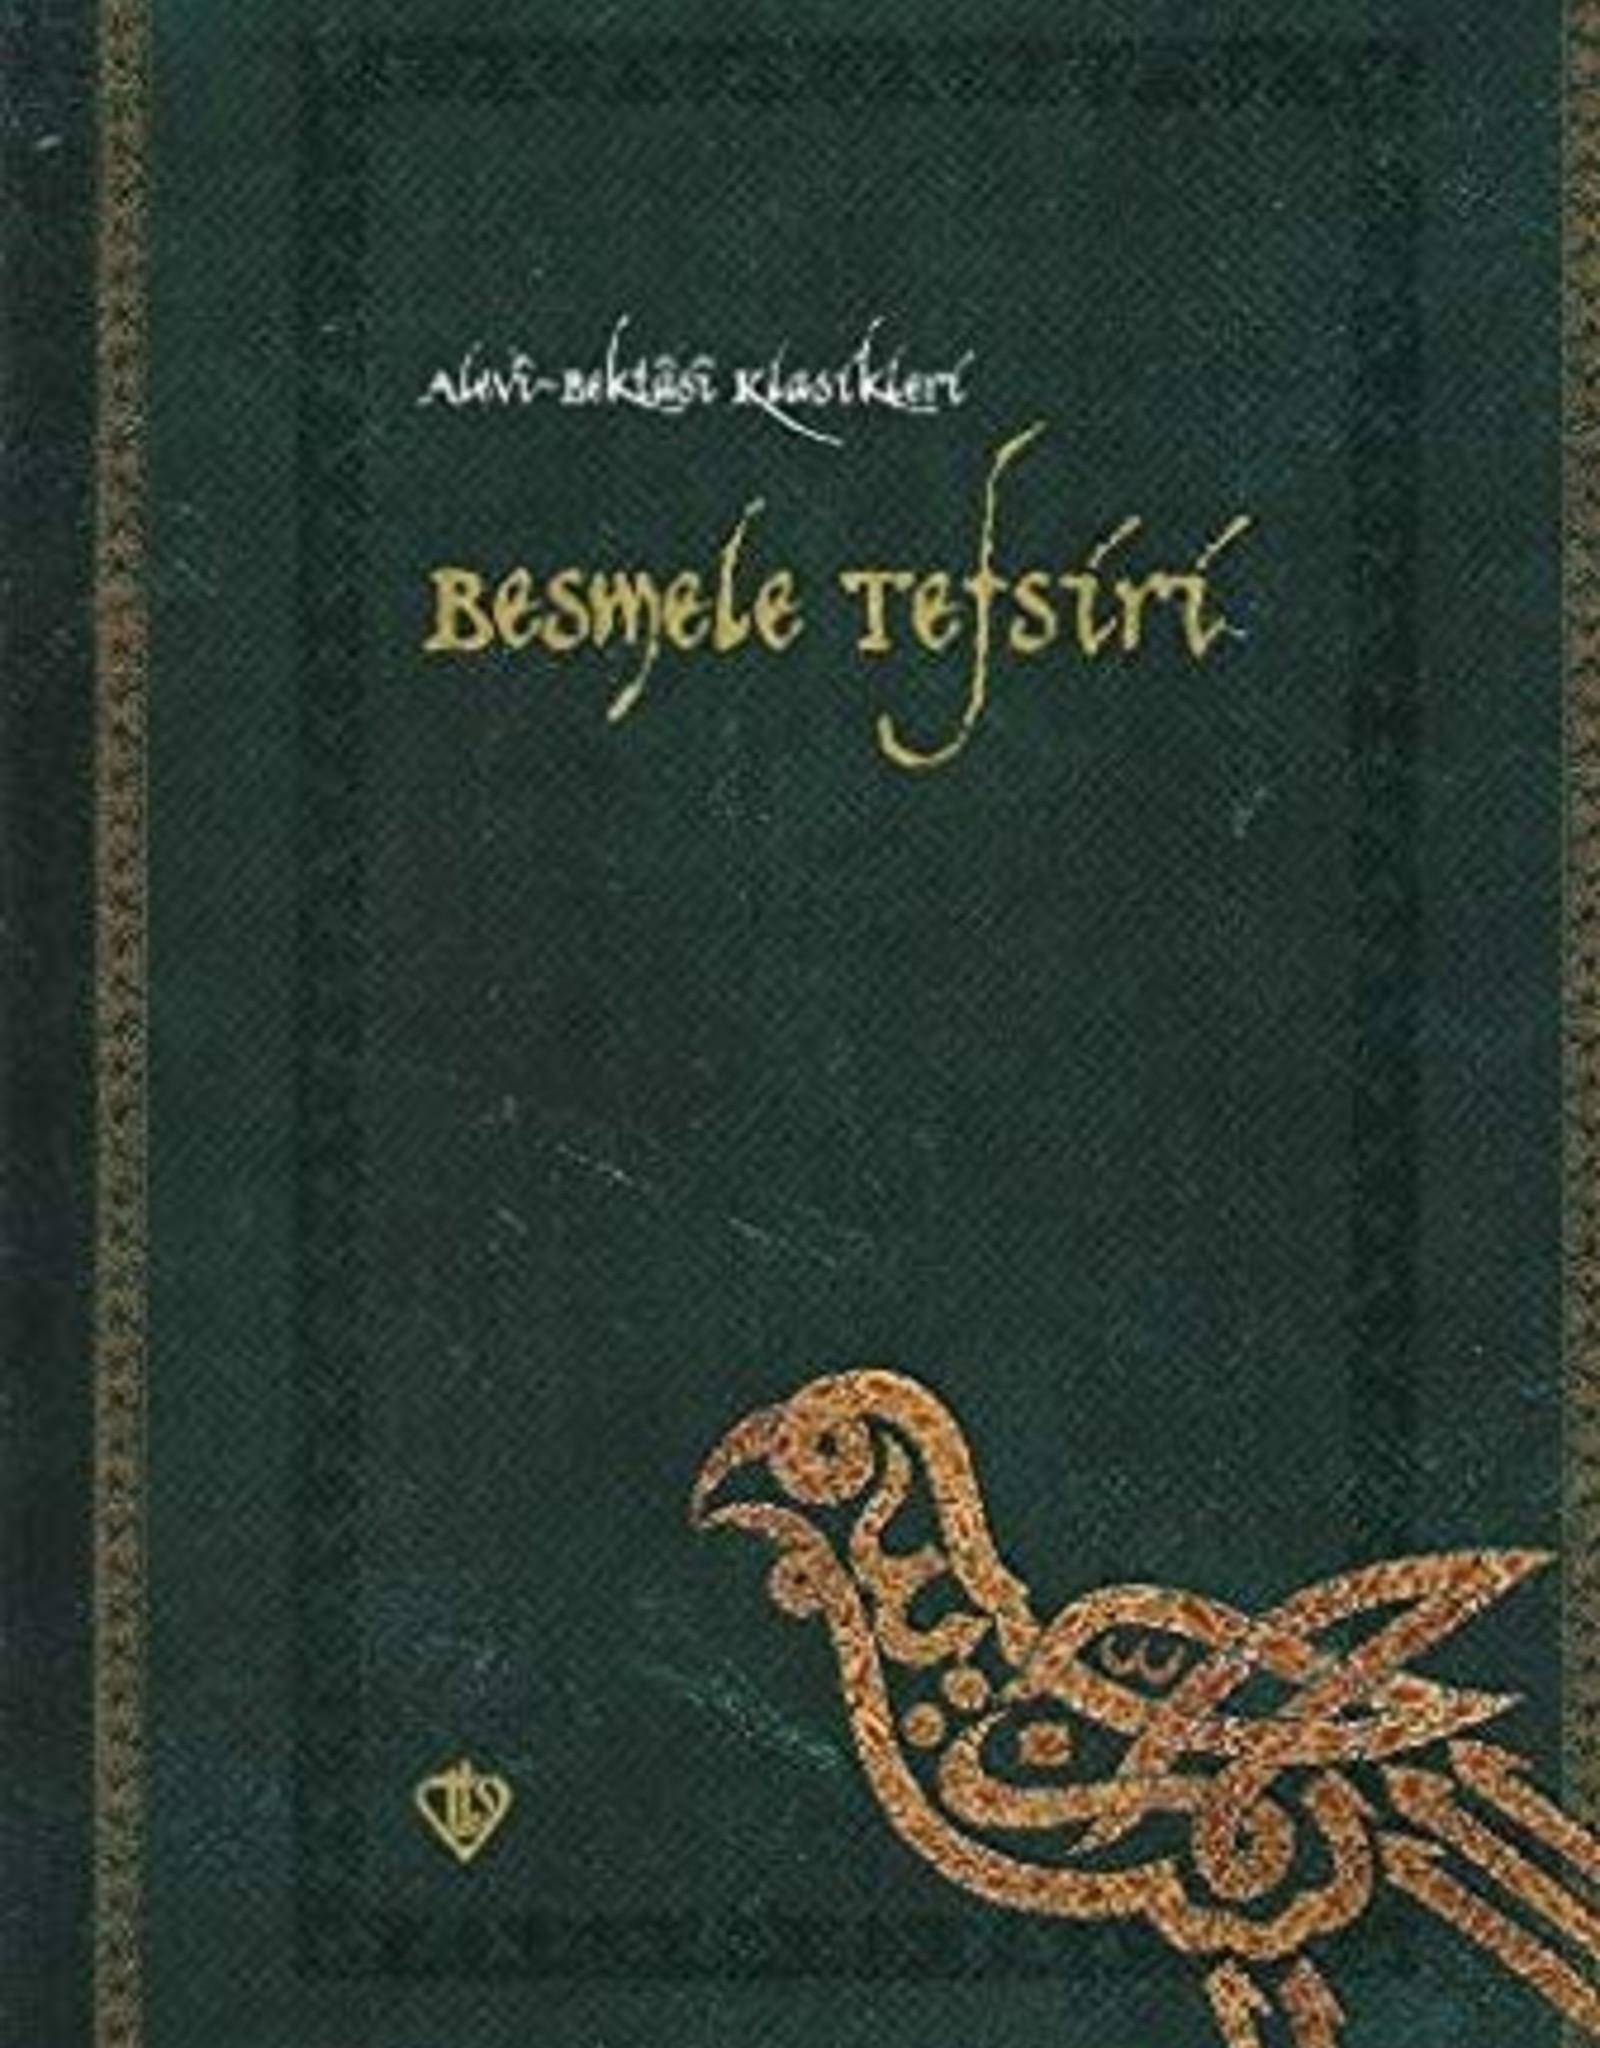 Besmele Tefsiri Alevi  Bektaşi Klasikler